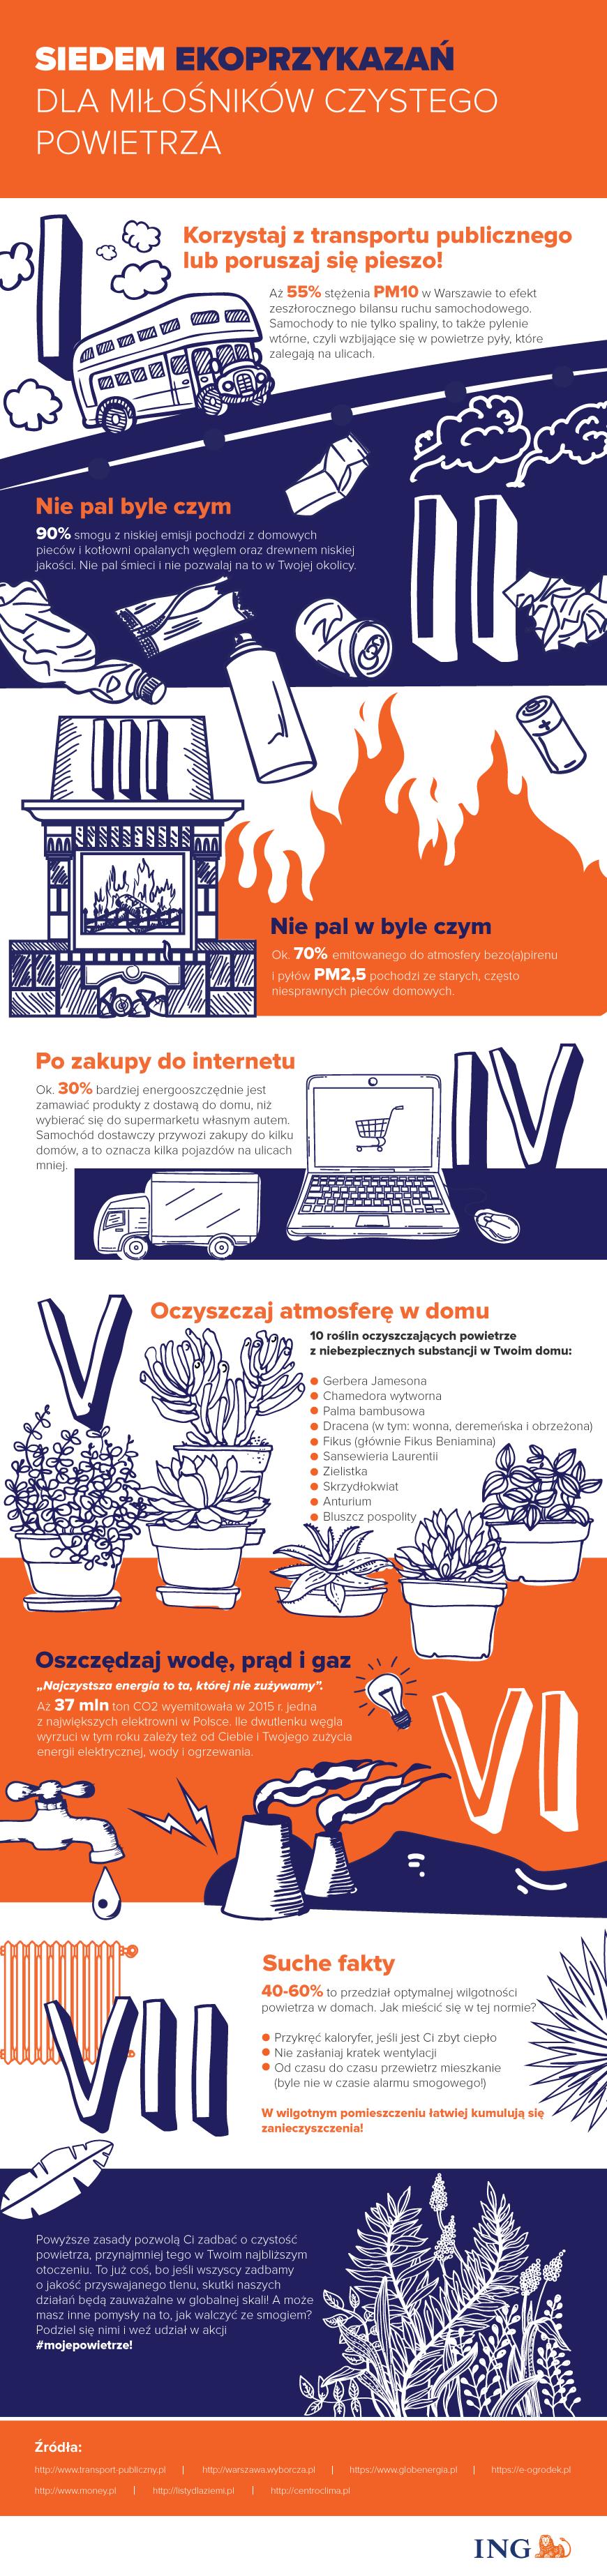 7 ekoprzykazan infografika.png